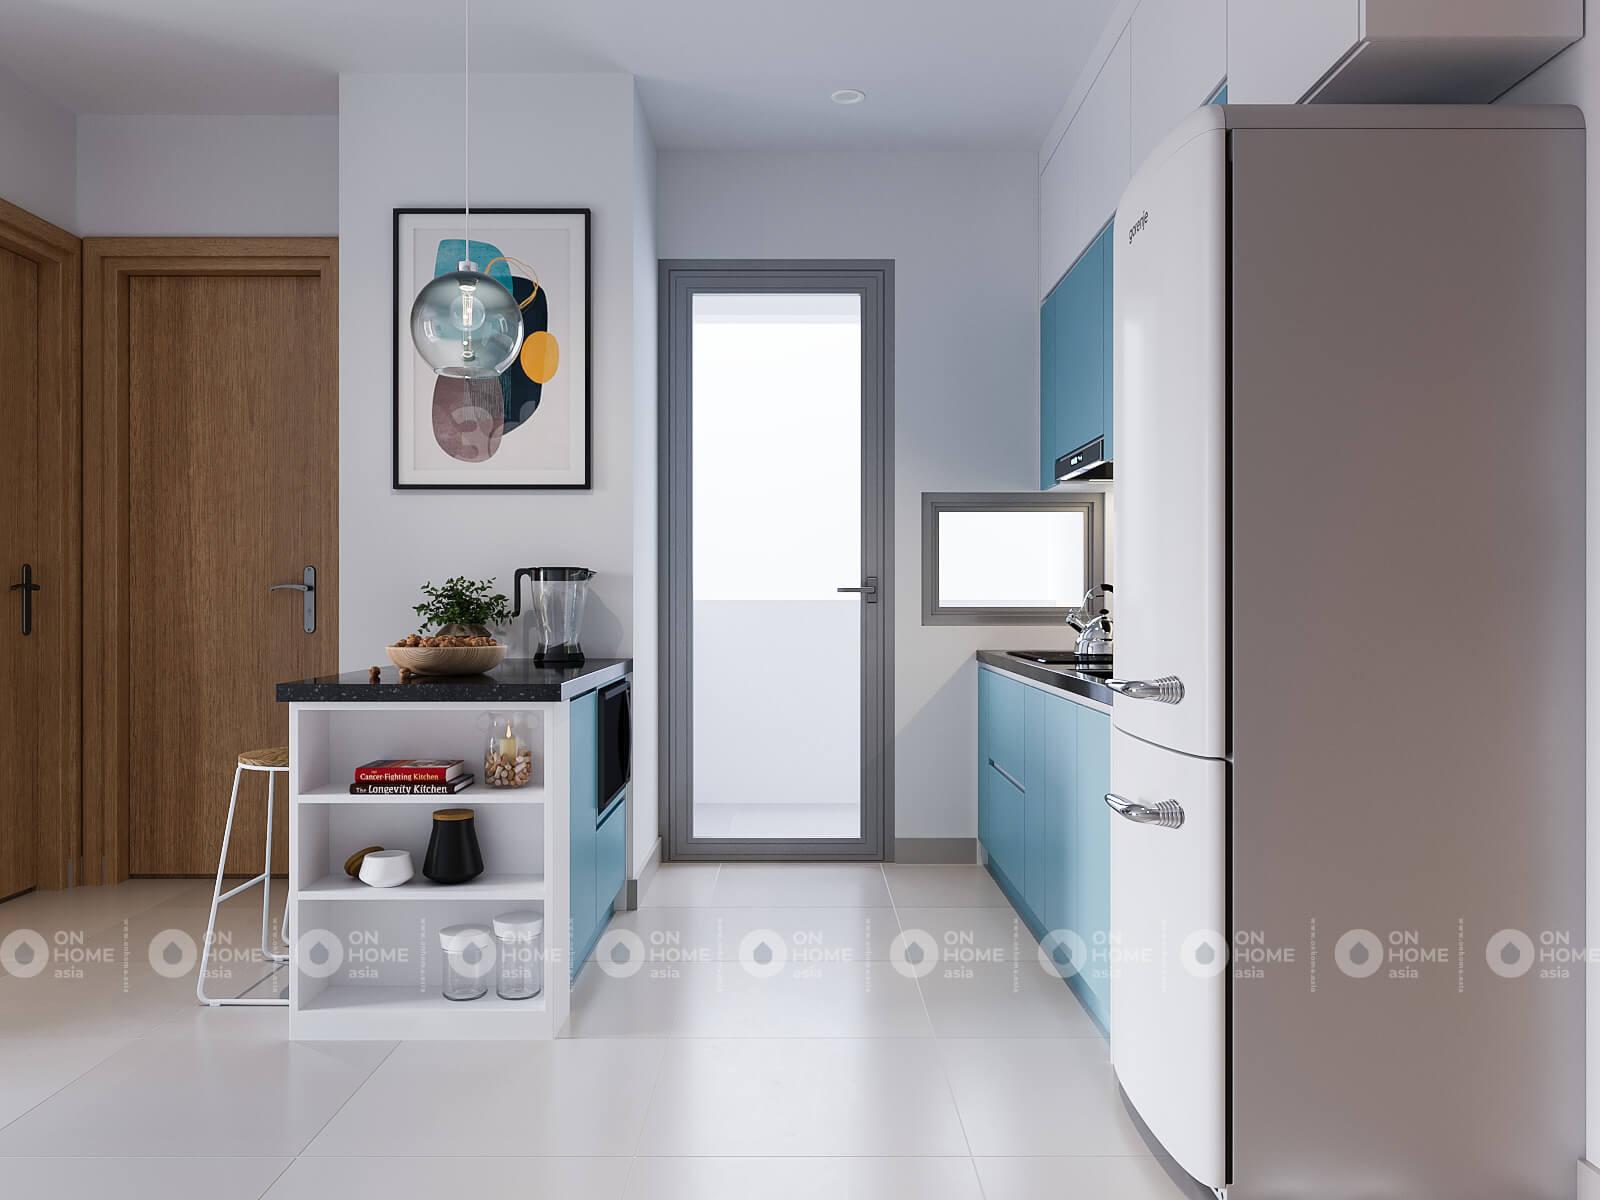 nội thất nhà bếp căn hộ compass one 1 phòng ngủ